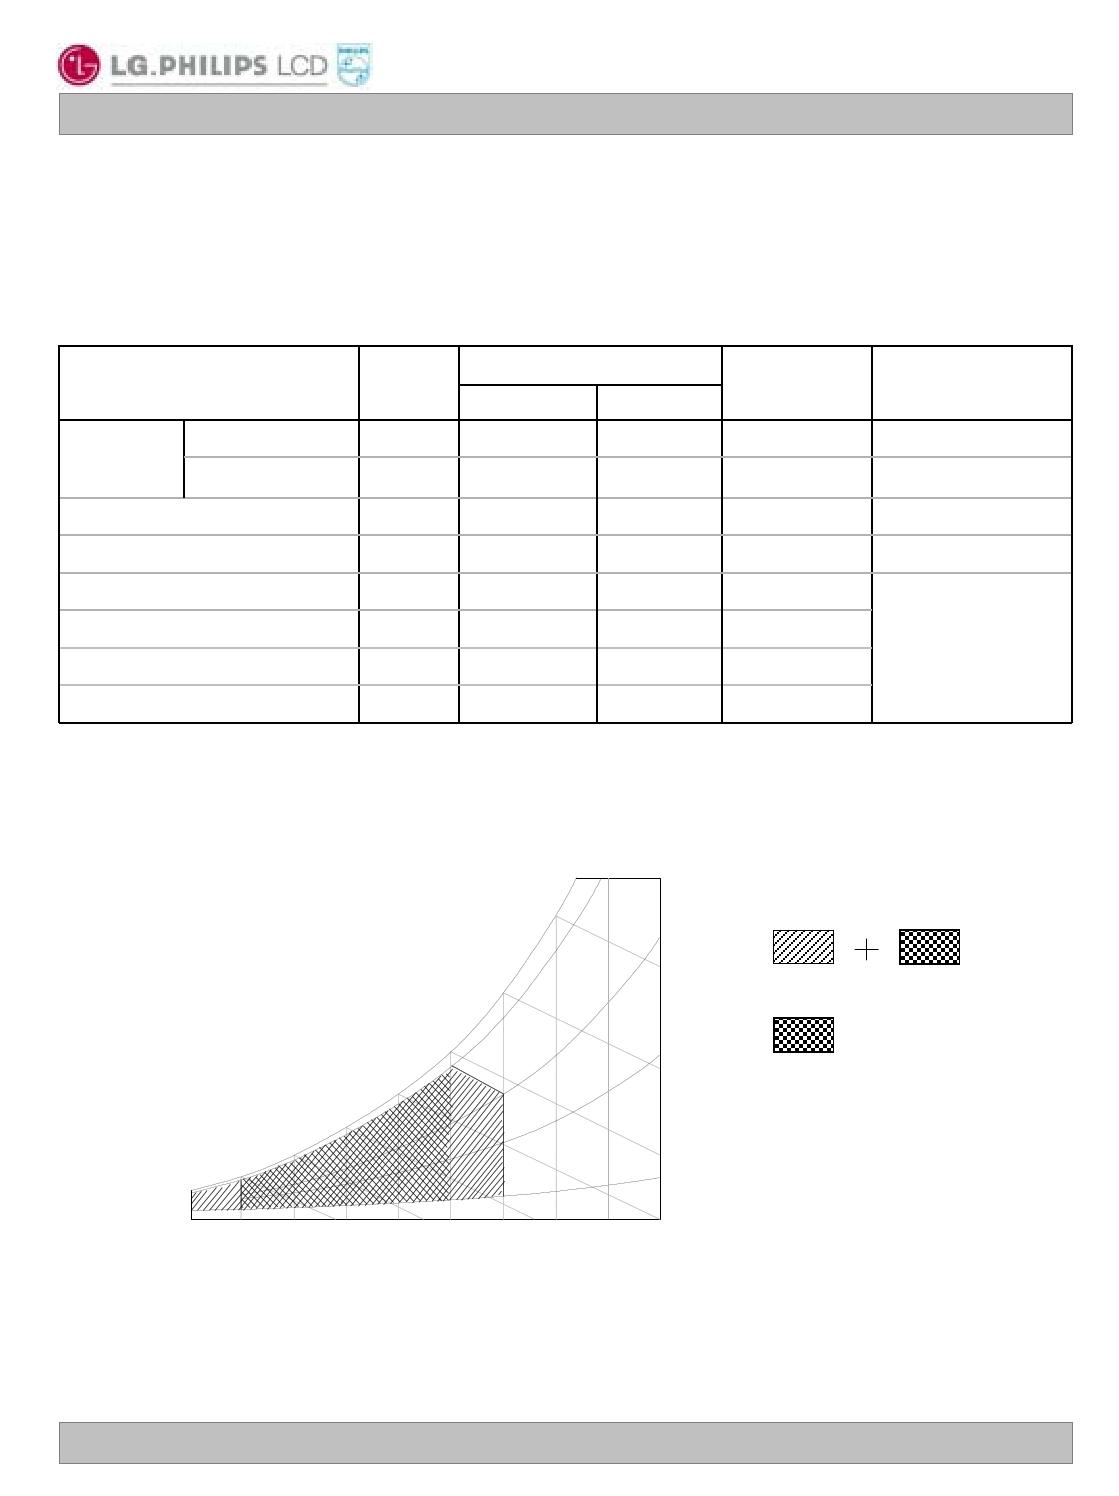 LC320W01-SL05 pdf